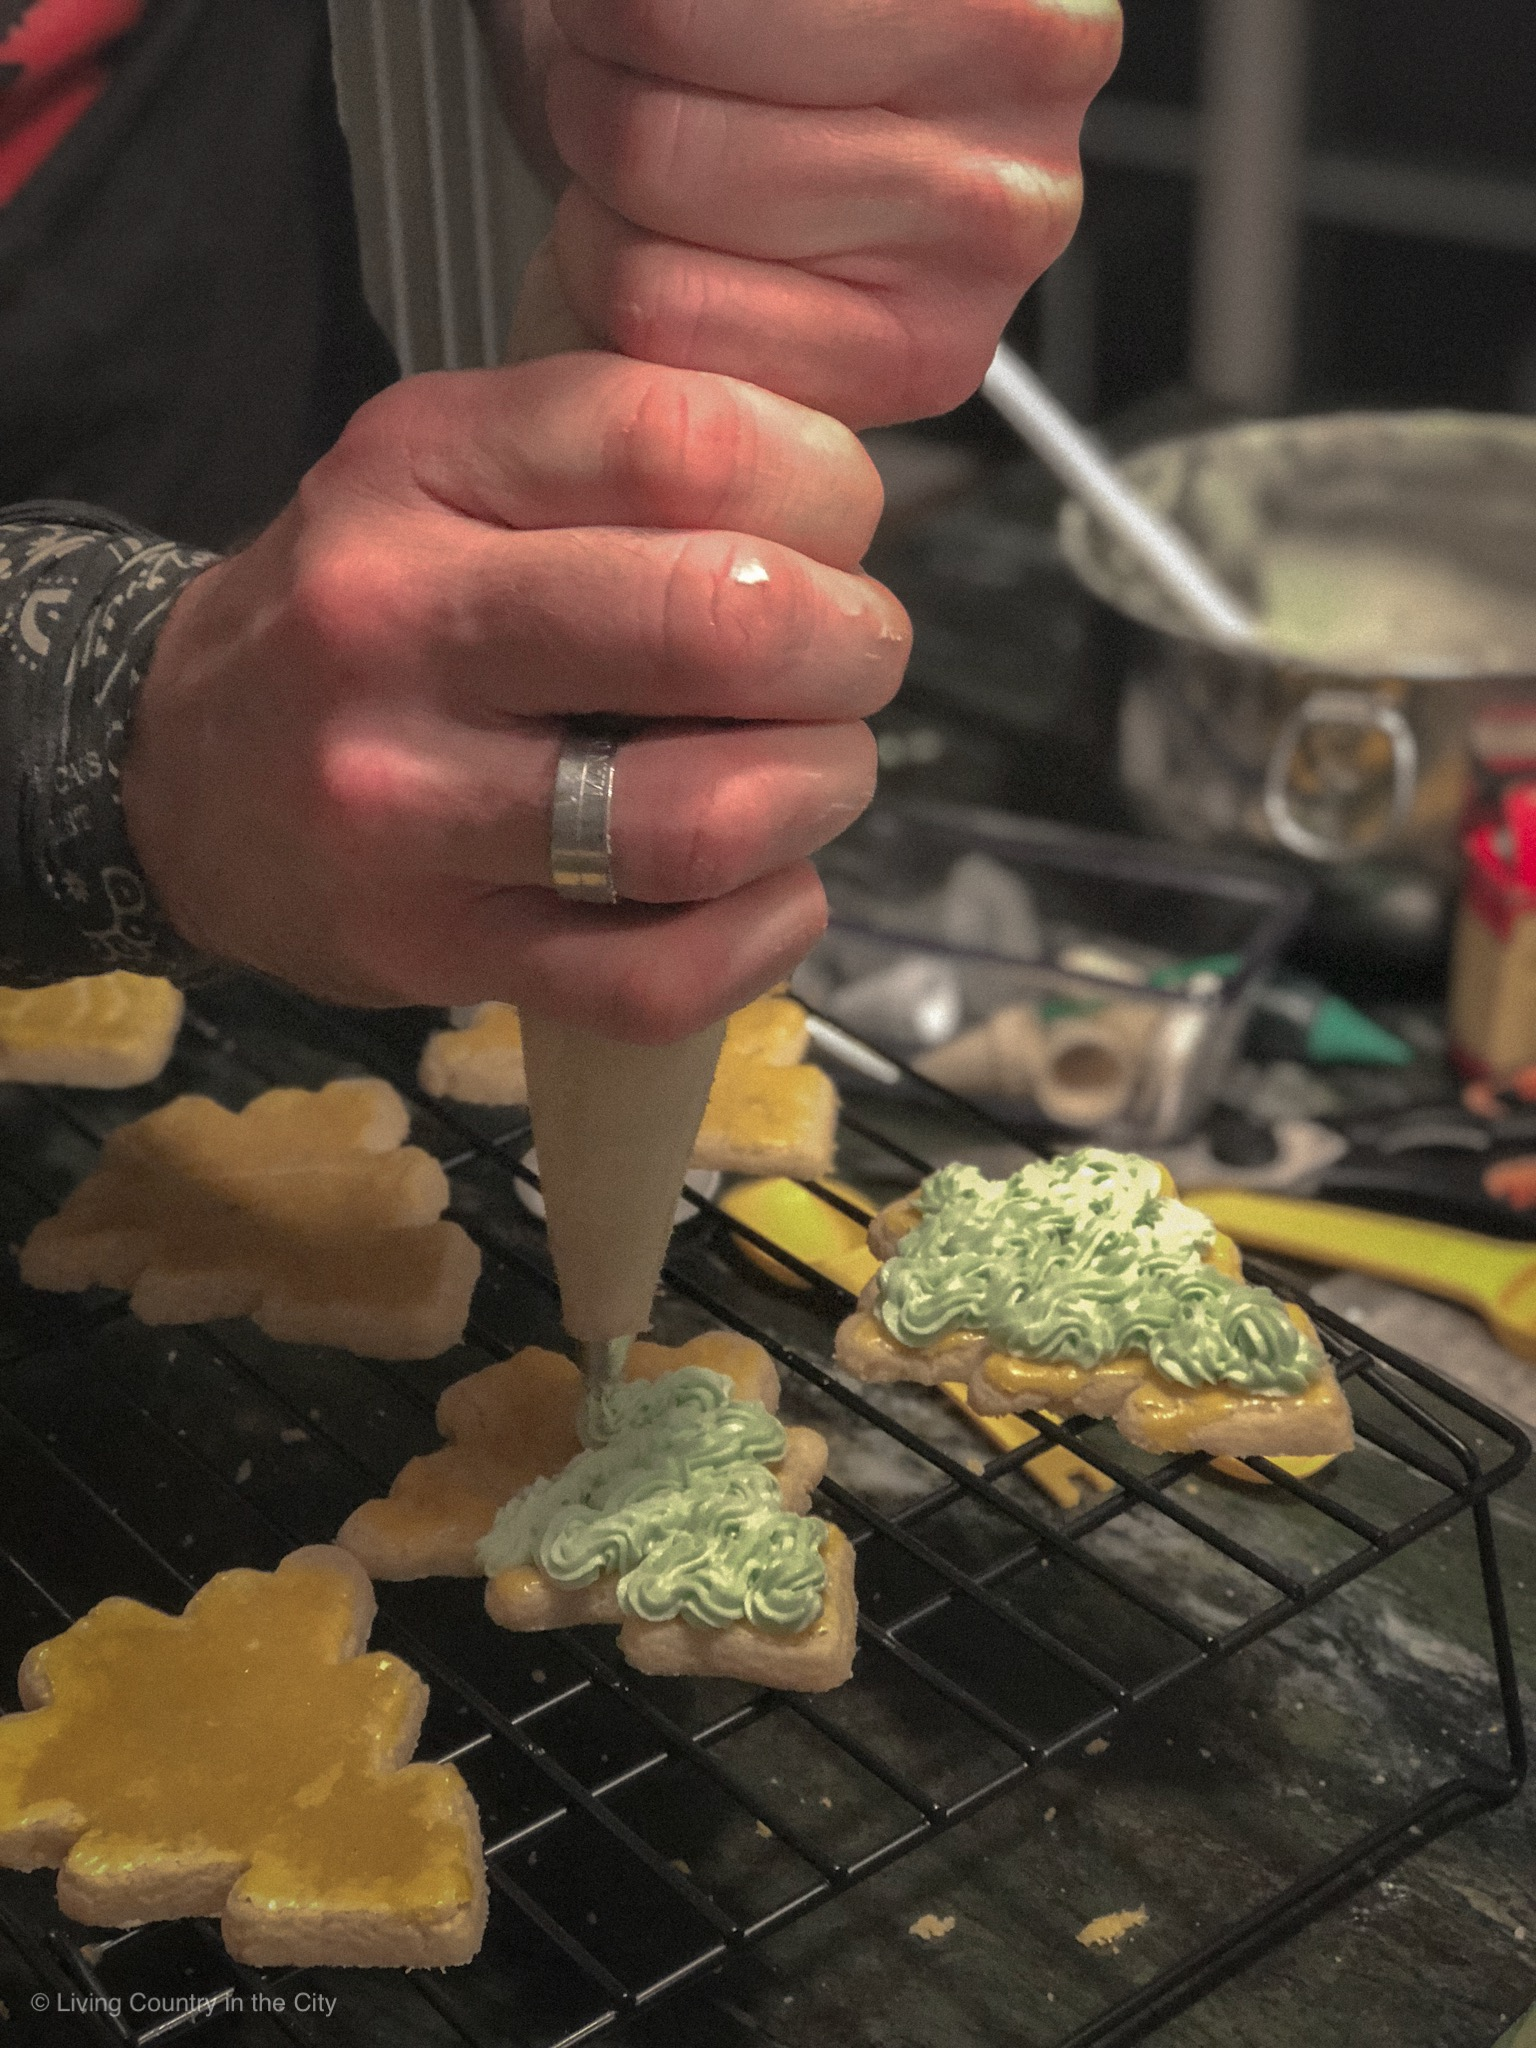 lc_blog_christmascookies_011_v1.JPG